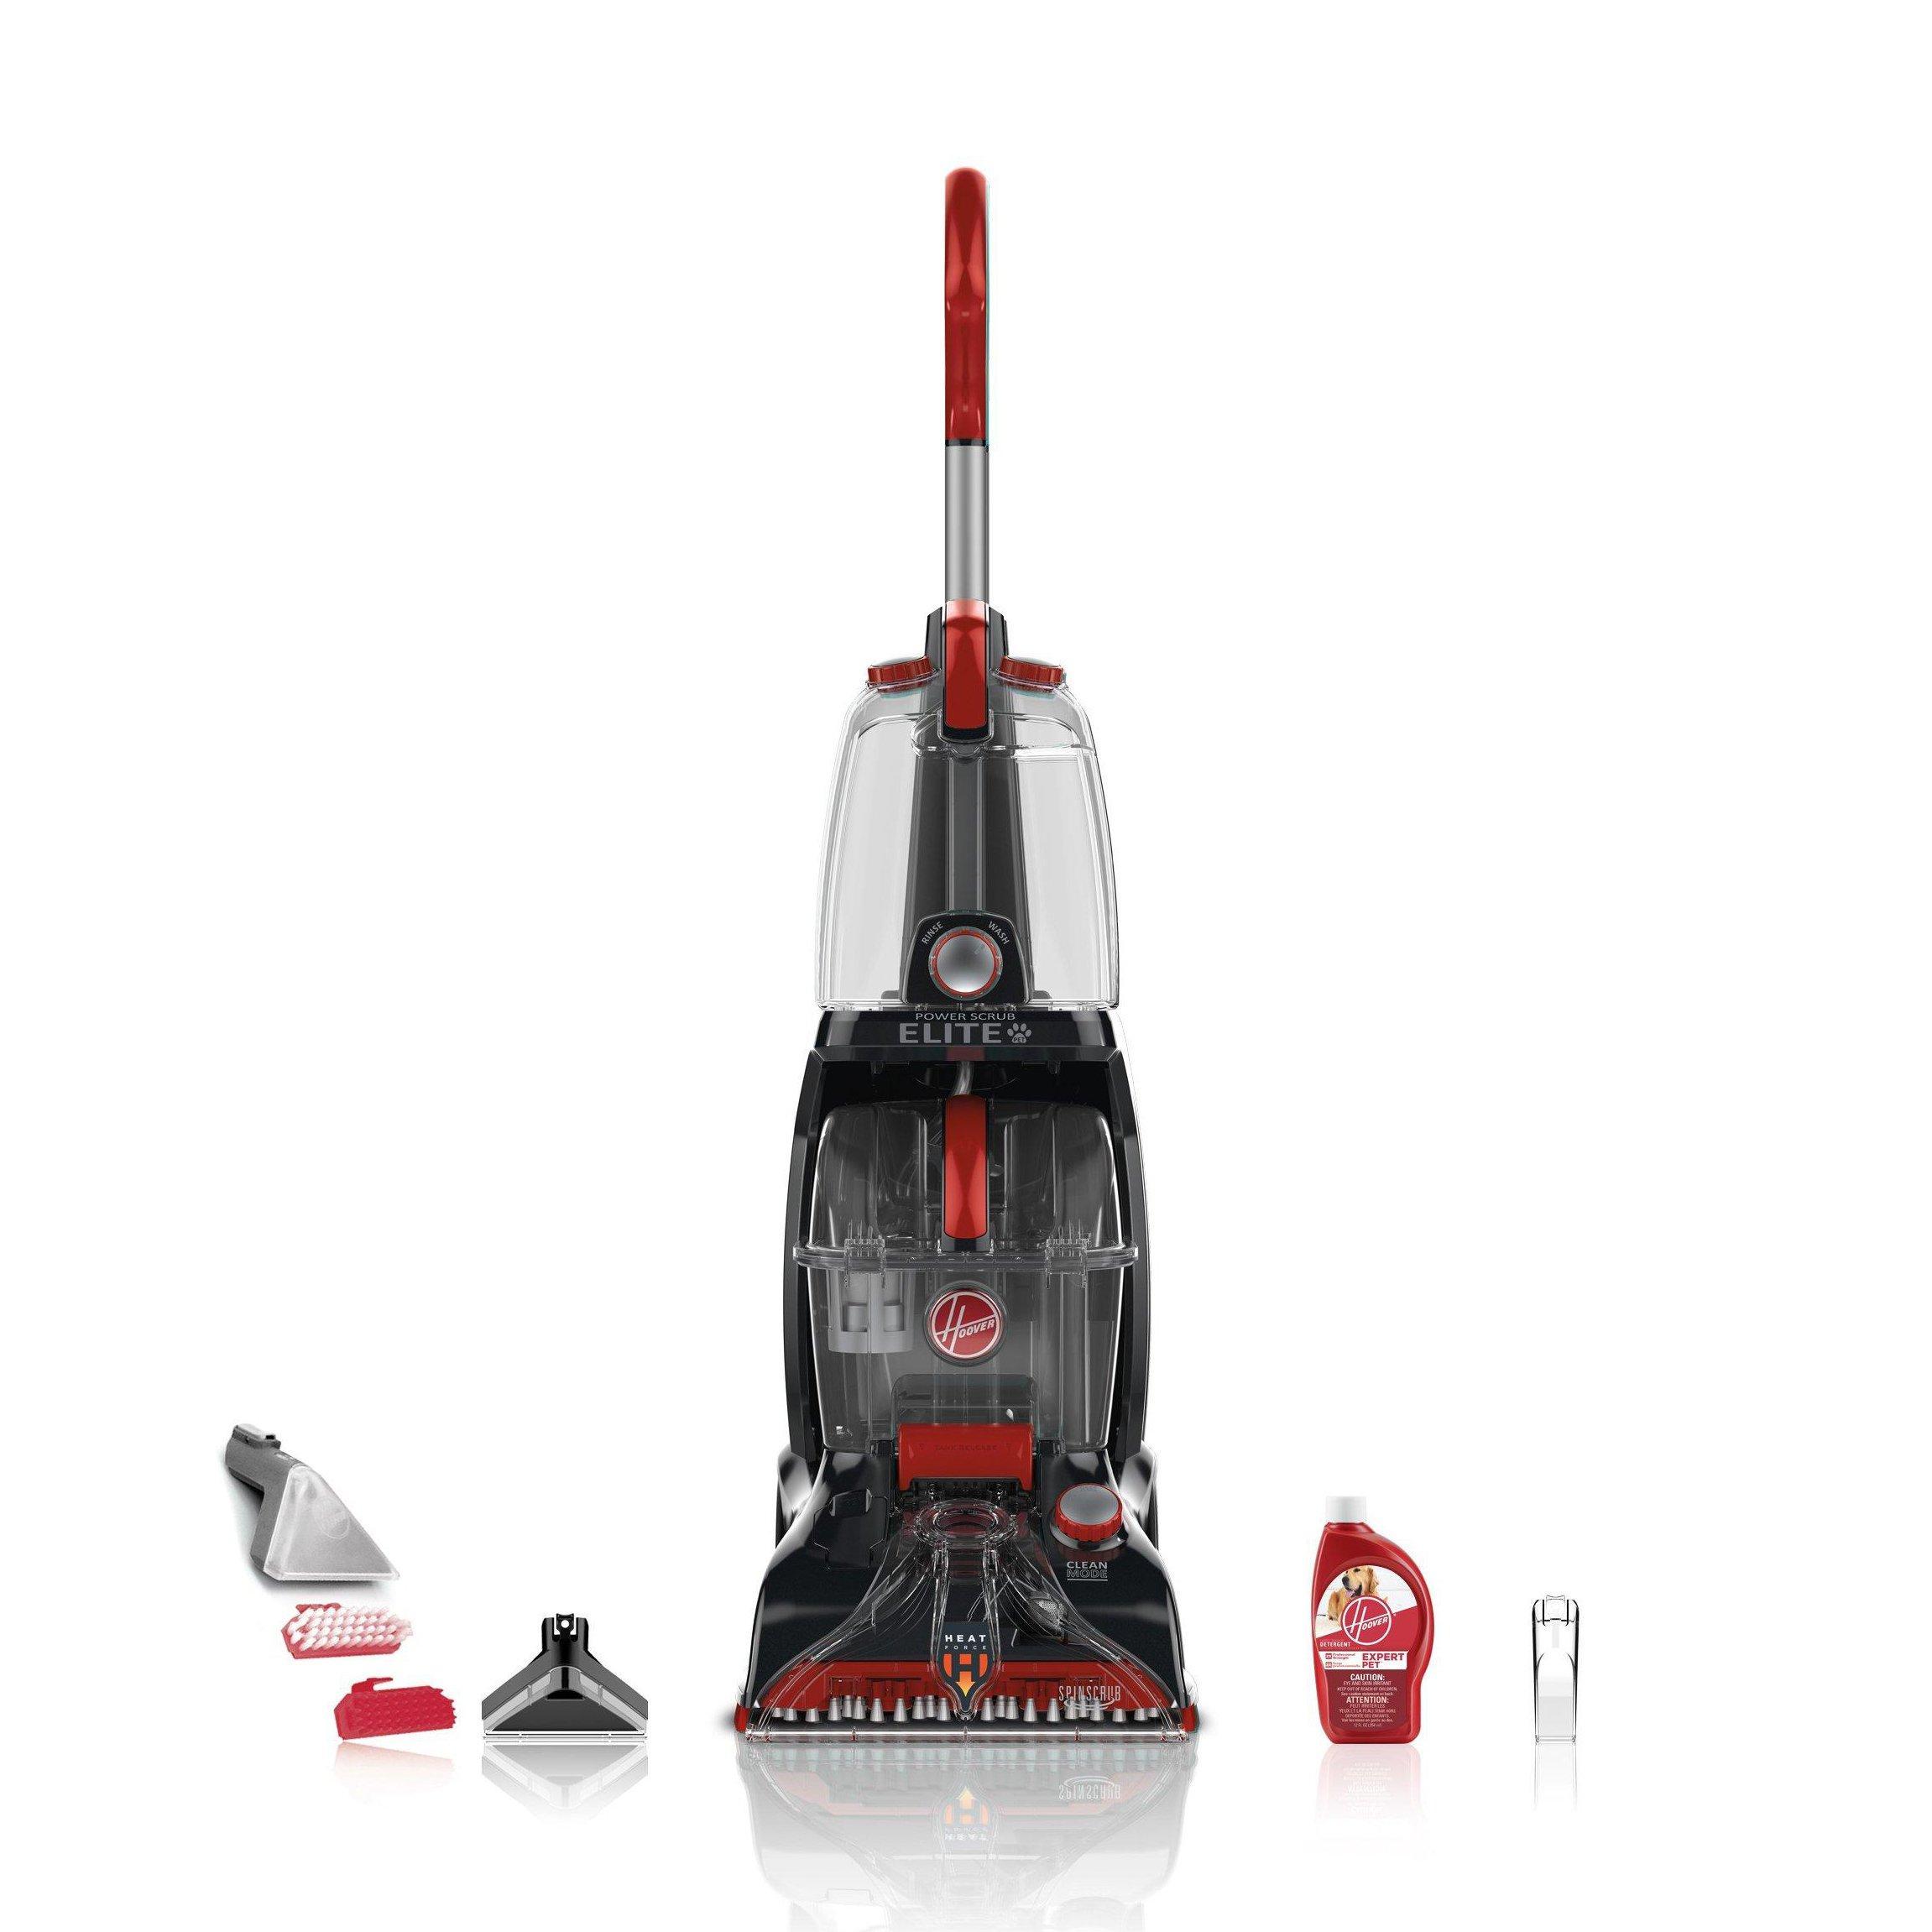 Power Scrub Elite Pet Plus Carpet Cleaner